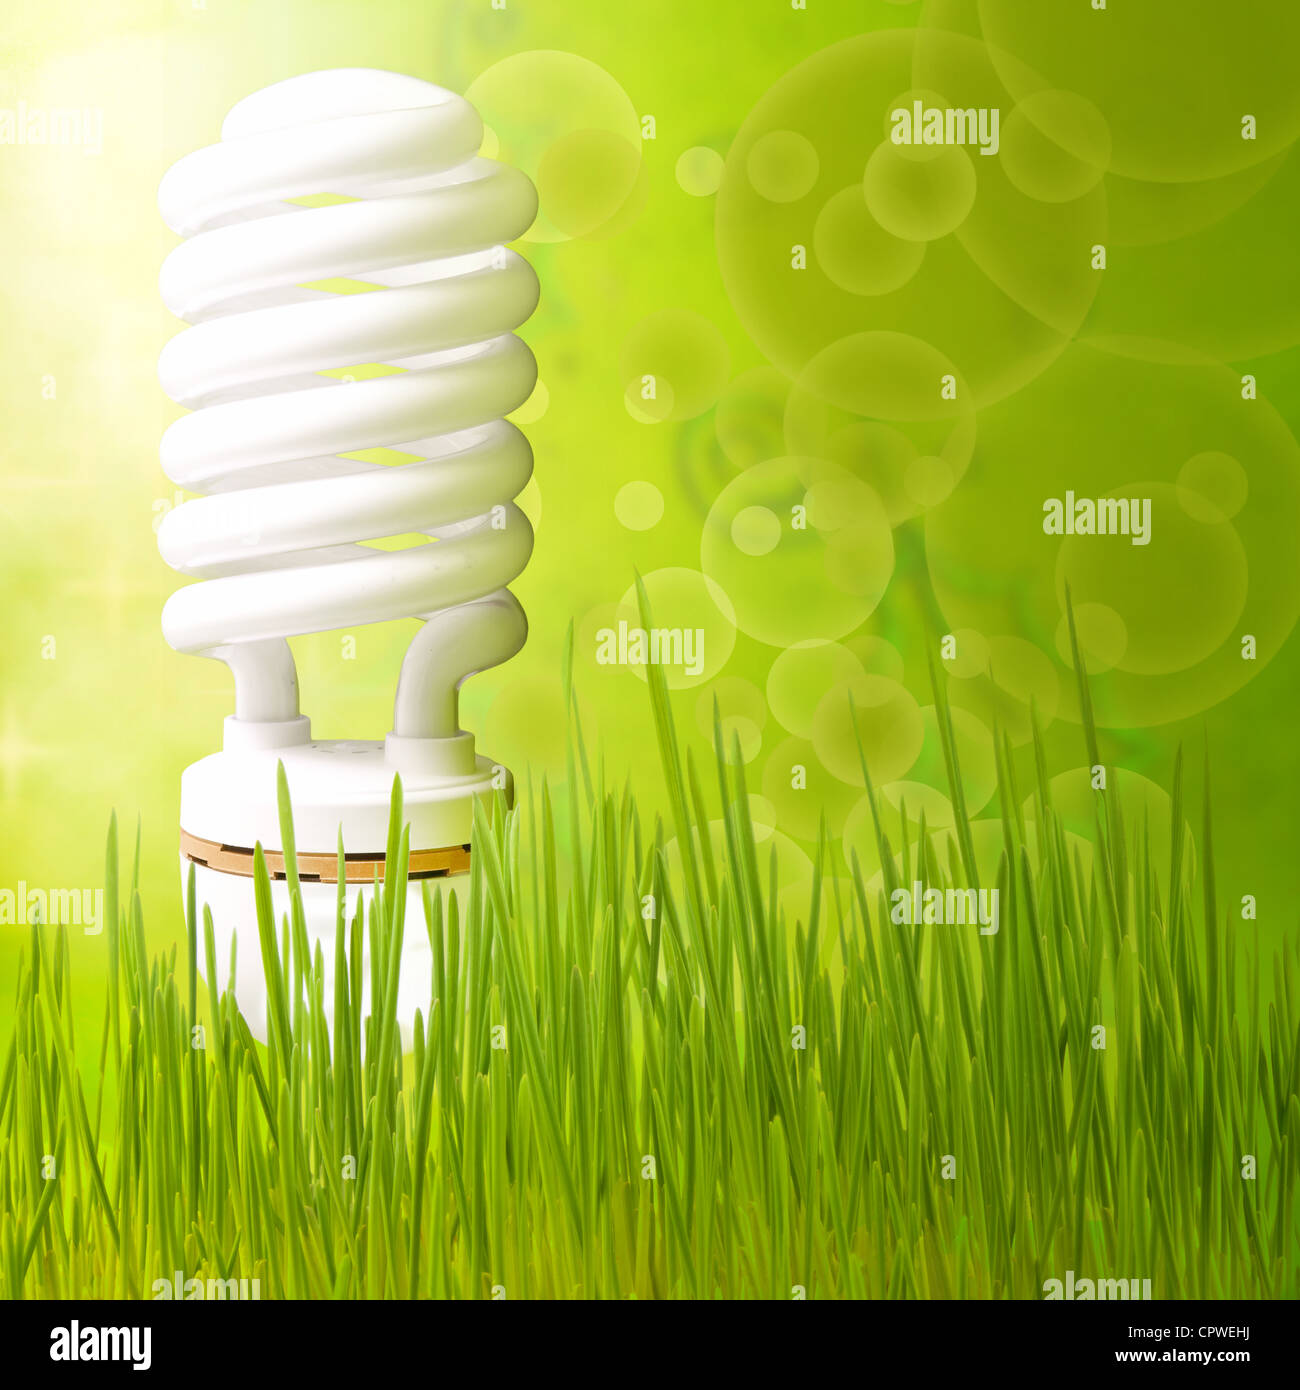 Risparmiare energia concetto astratto di sfondo verde Immagini Stock